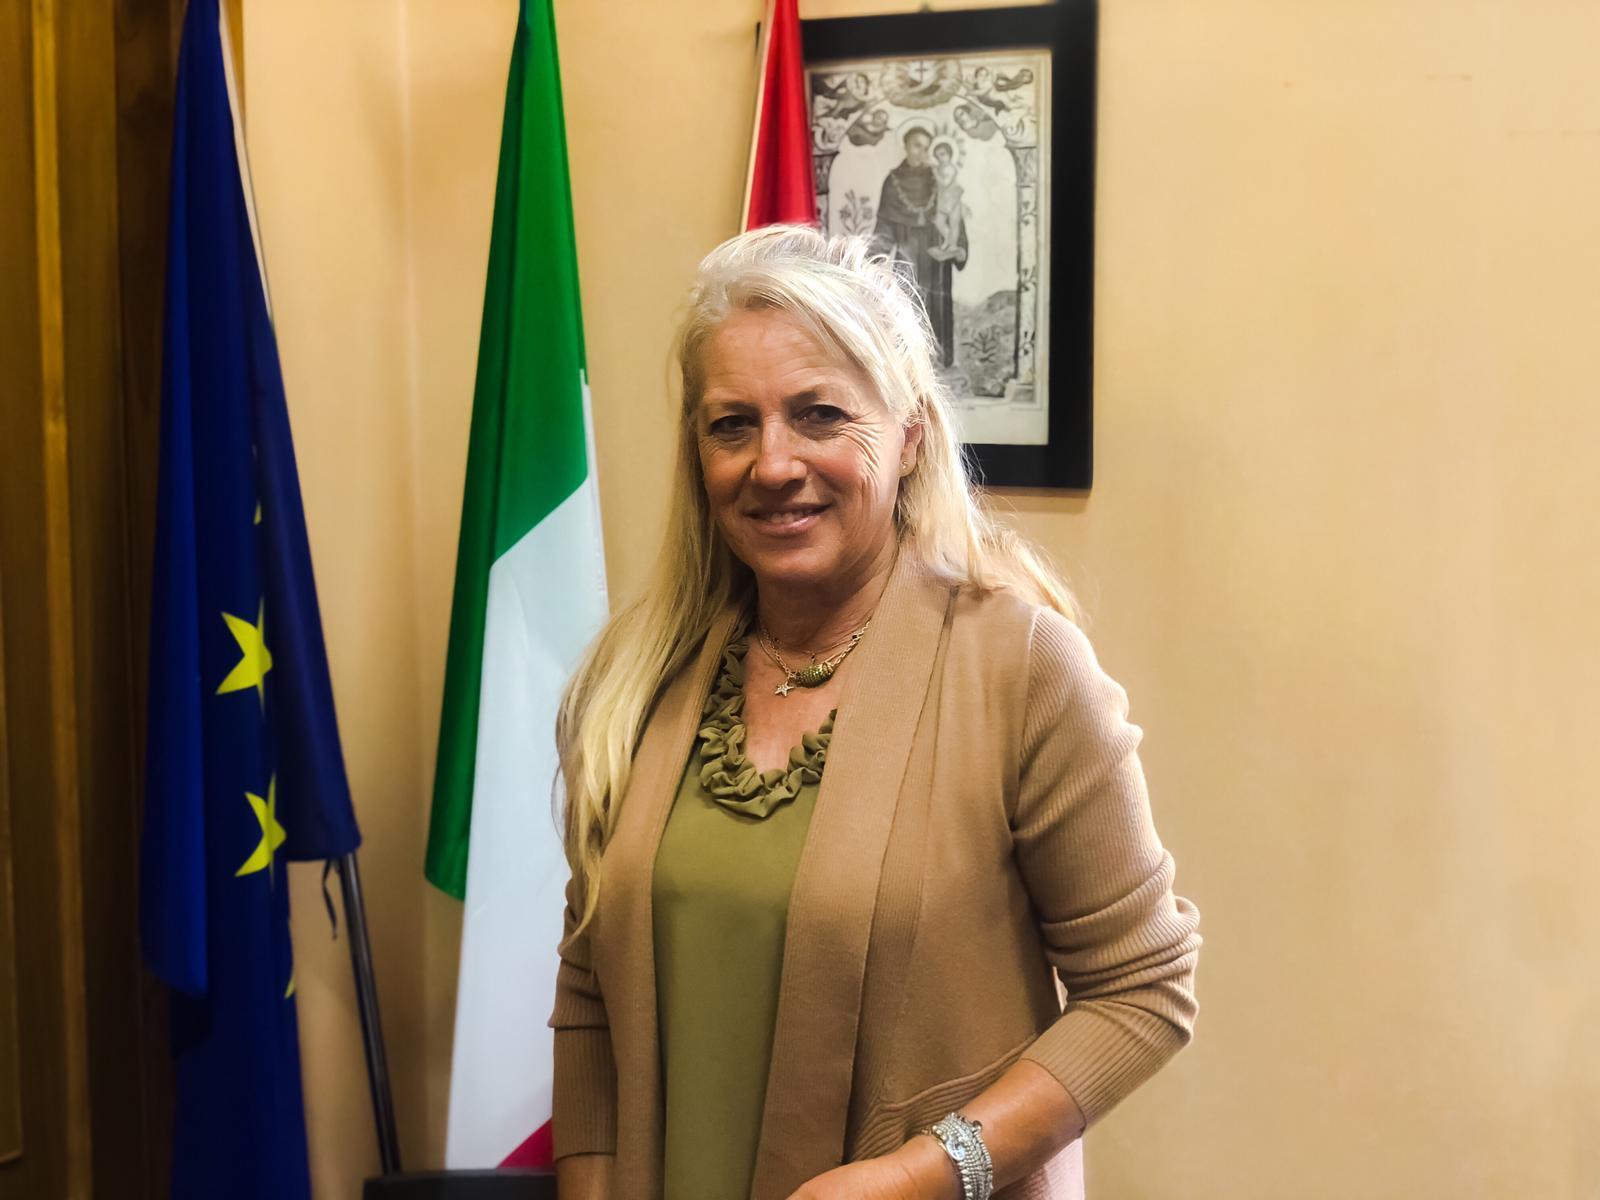 Anna Mastroddi, Presidente del Consiglio di Tagliacozzo, eletta nel Comitato Direttivo Regionale dell'A.N.C.I.